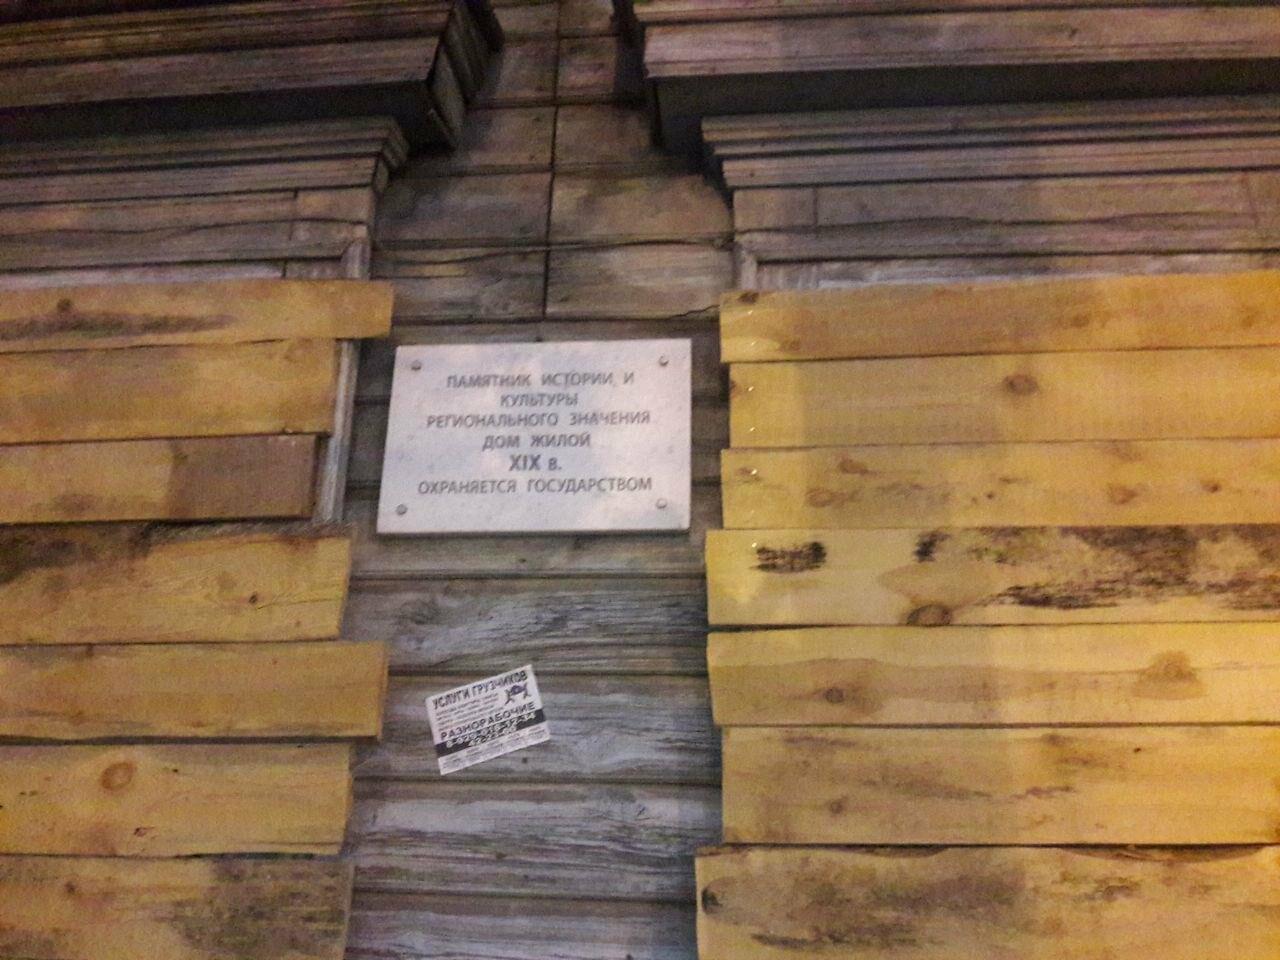 В центре Тамбова сгорел памятник истории и культуры: видео, фото-1